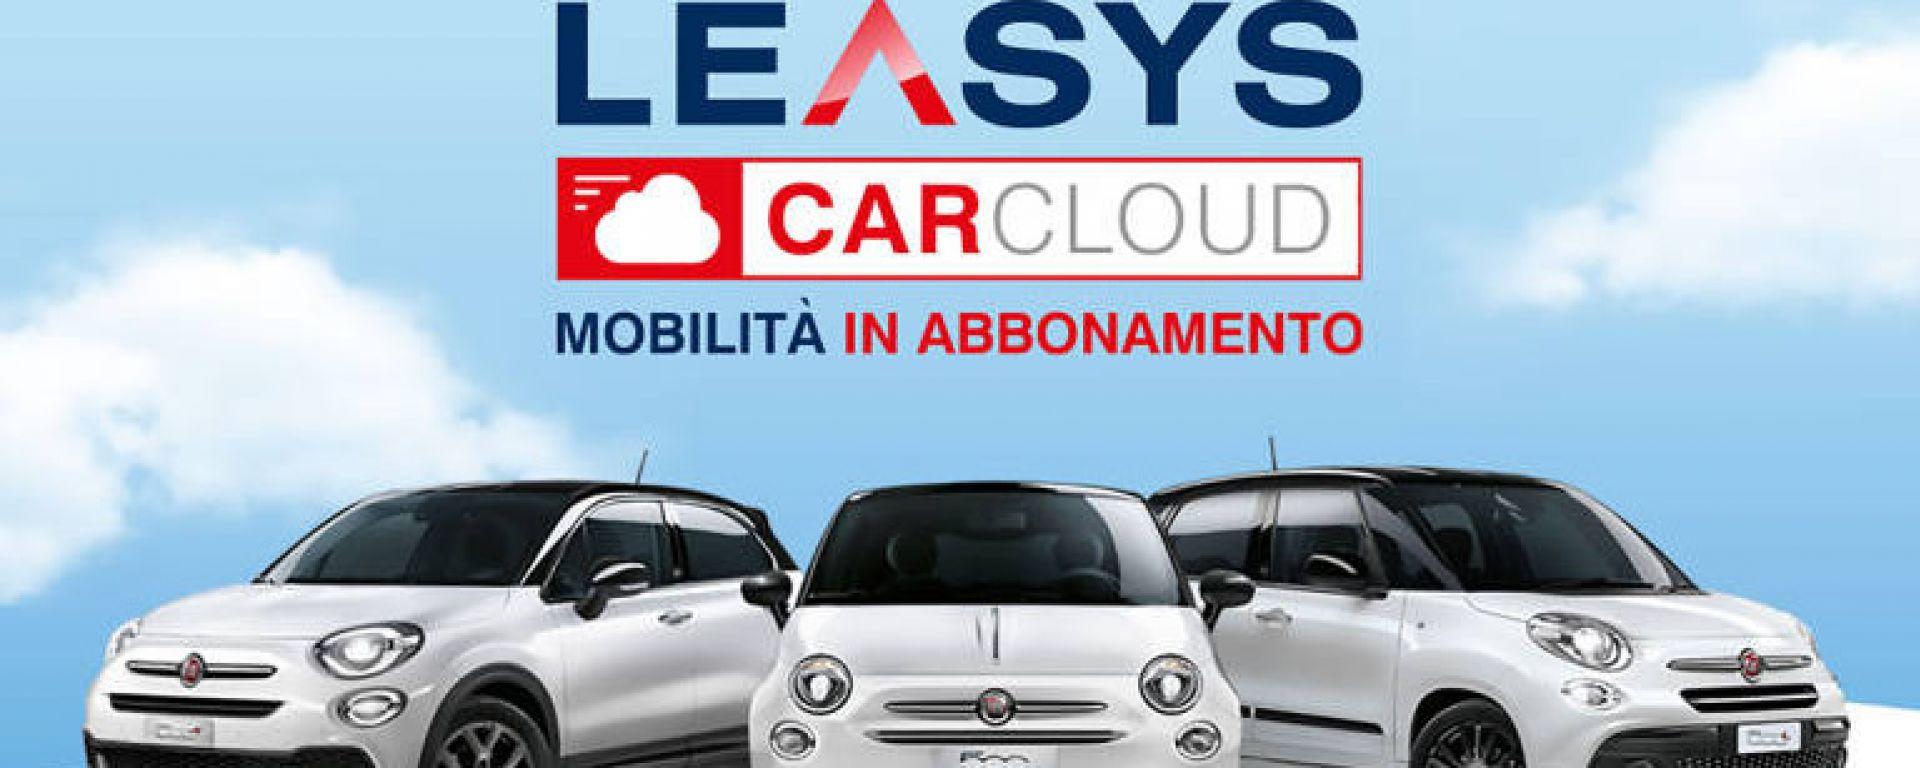 Leasys CarCloud, il noleggio auto attraverso Amazon